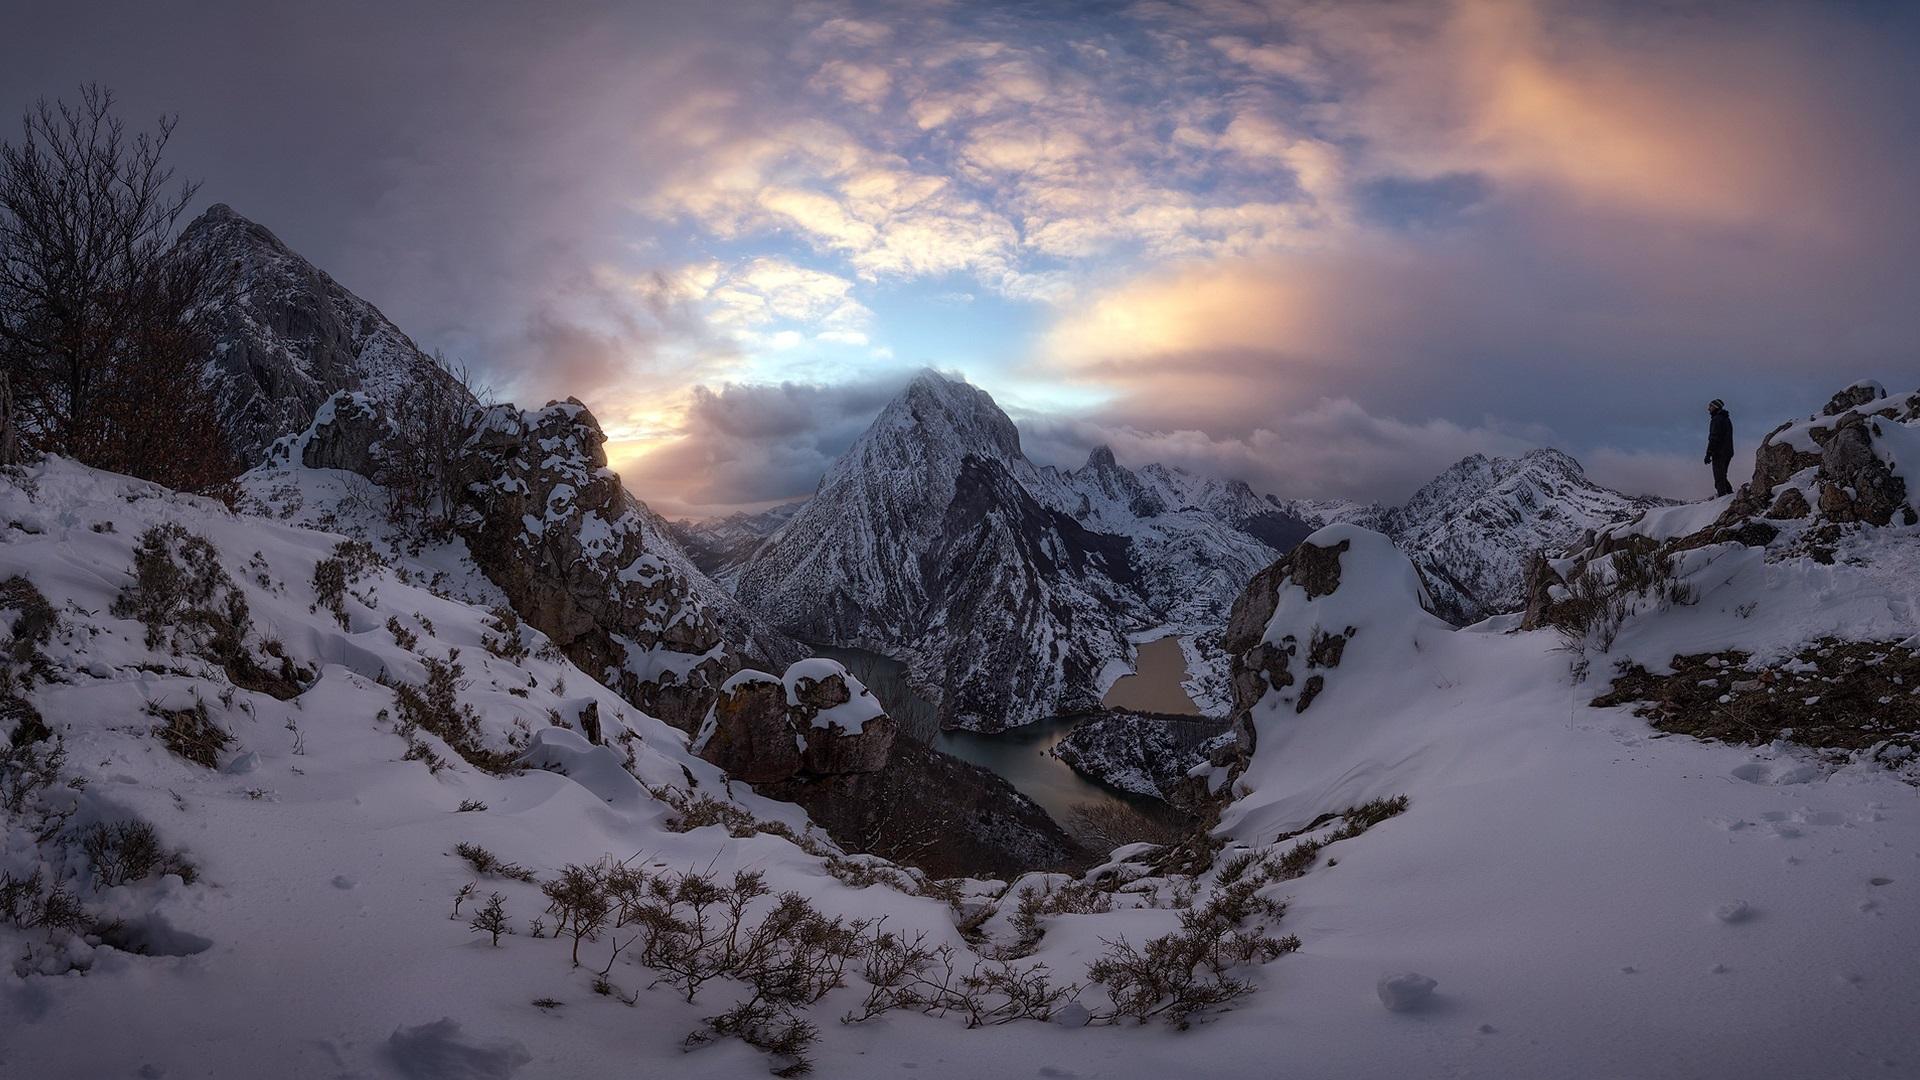 Fondo De Montañas Nevadas En Hd: Montañas, Nieve, Gente, Río, Nubes, Mañana Fondos De